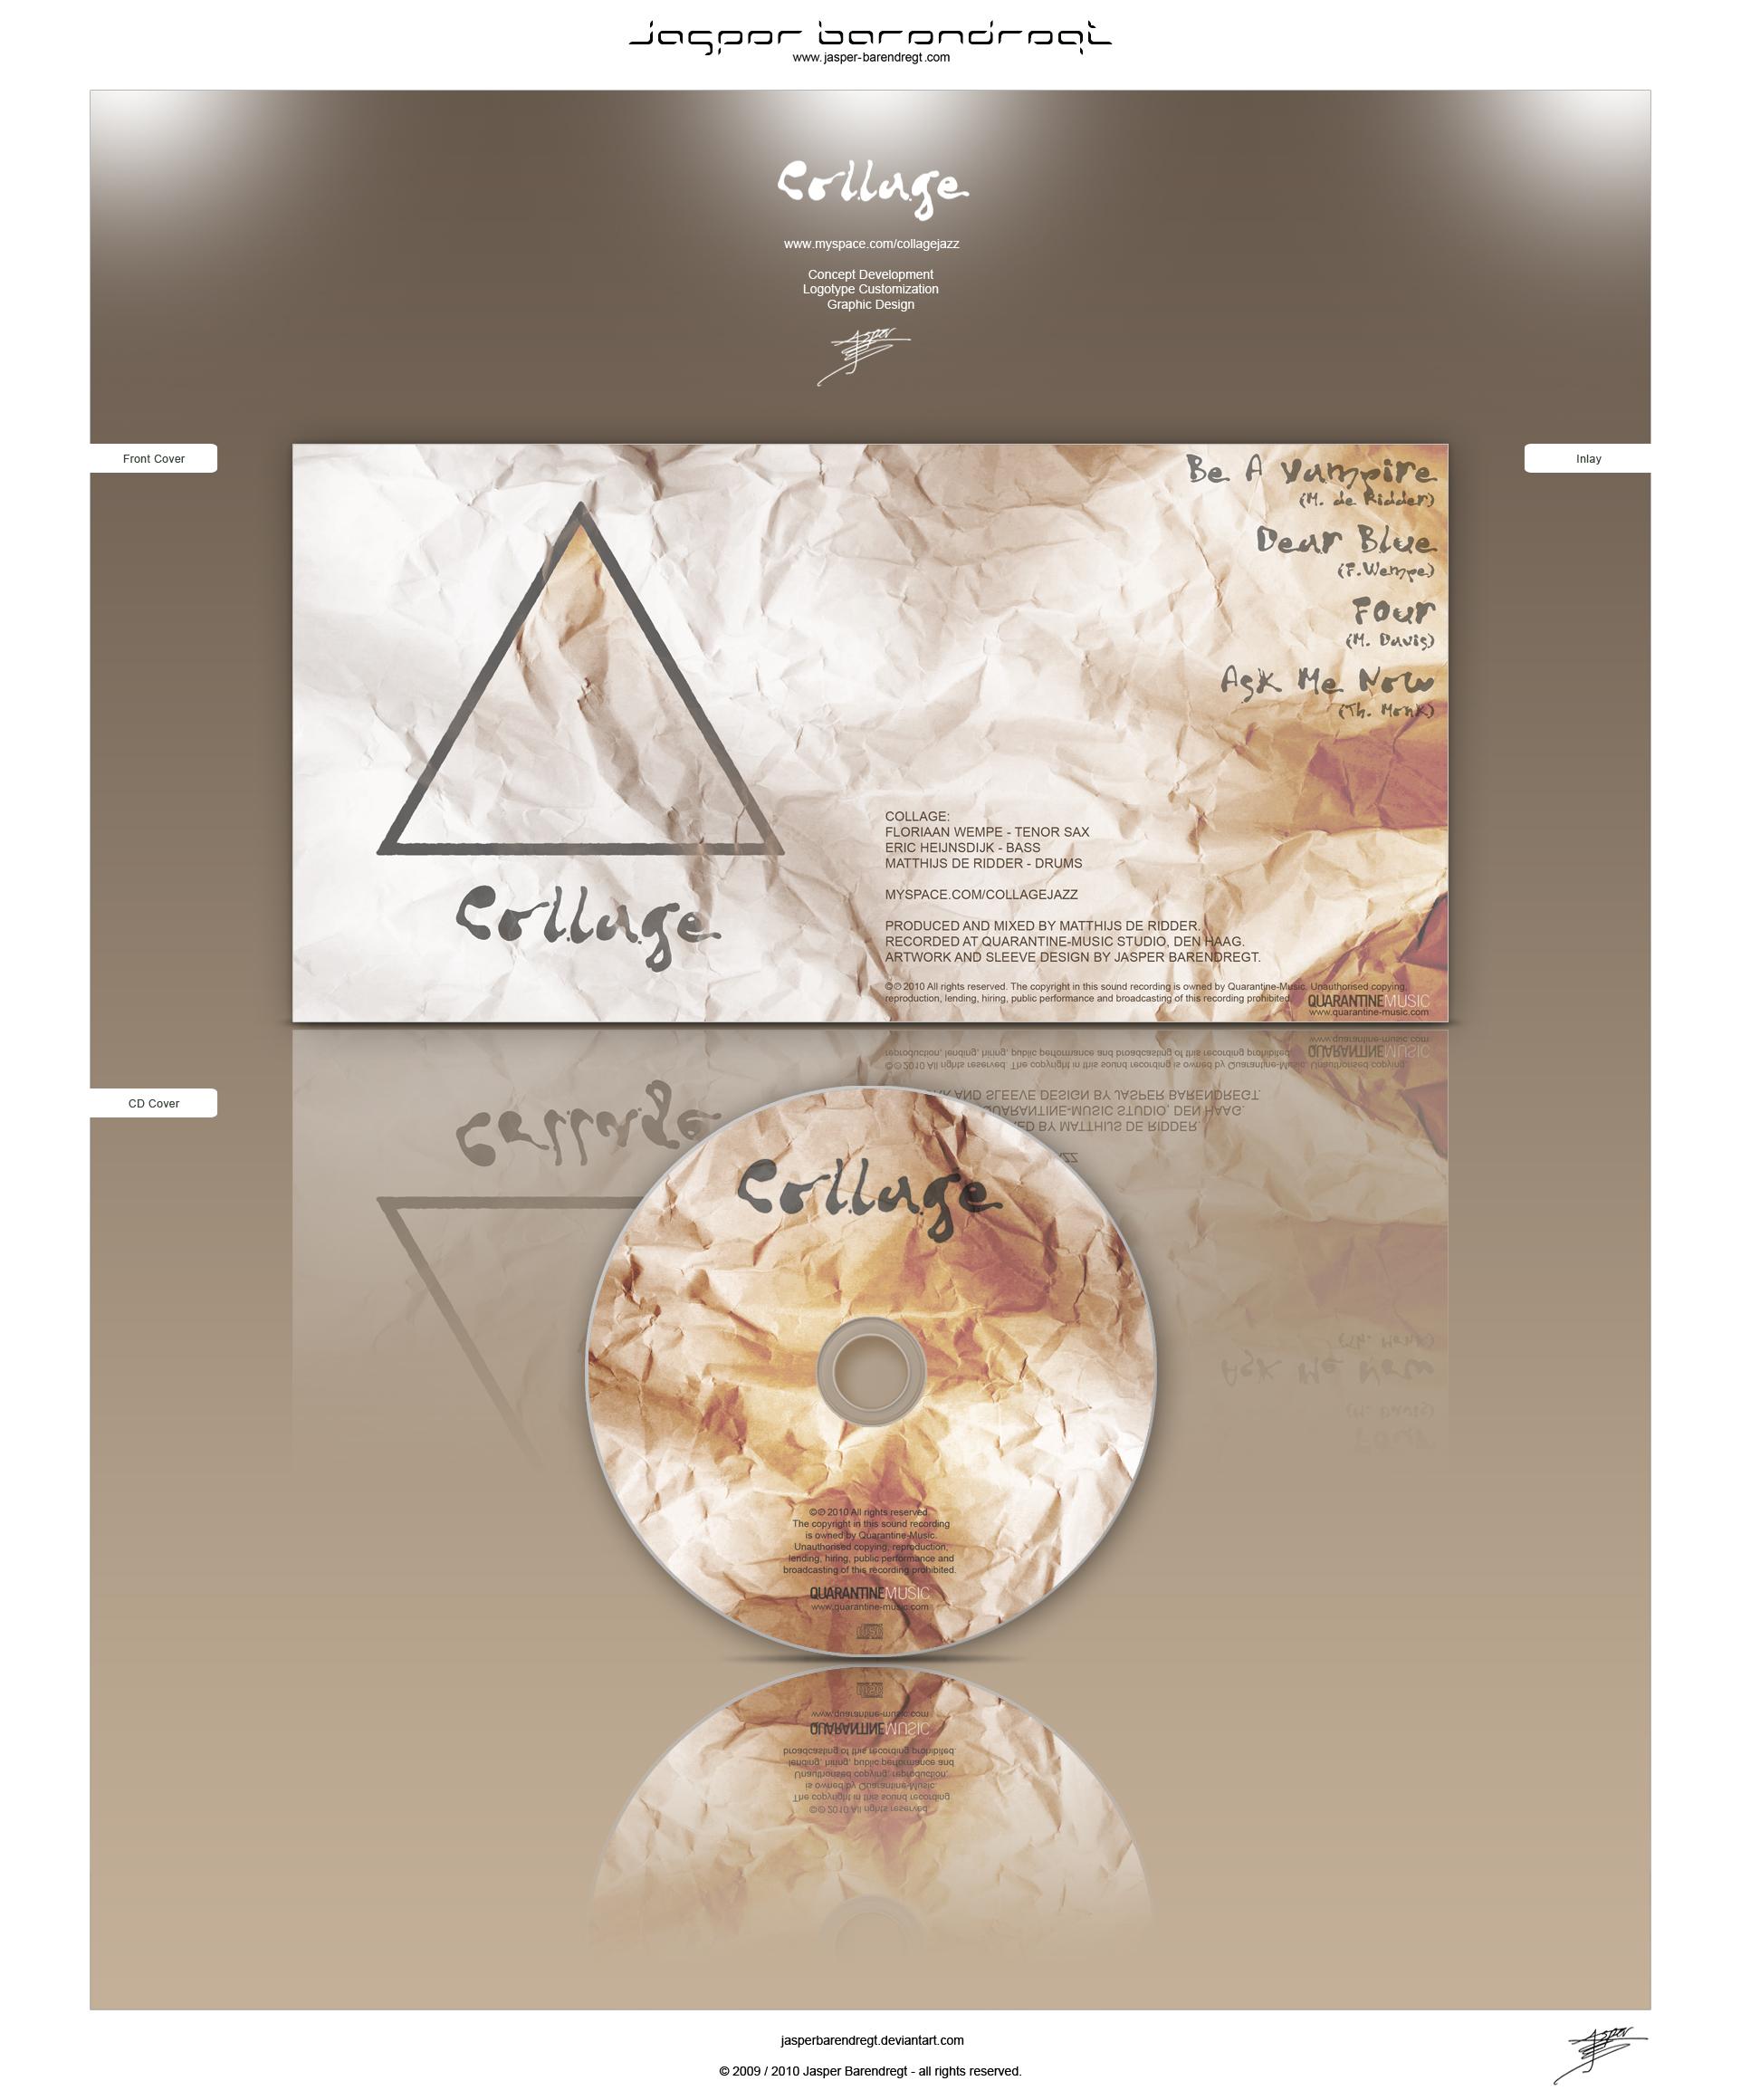 Collage PROMO CD DESIGN by JasperBarendregt